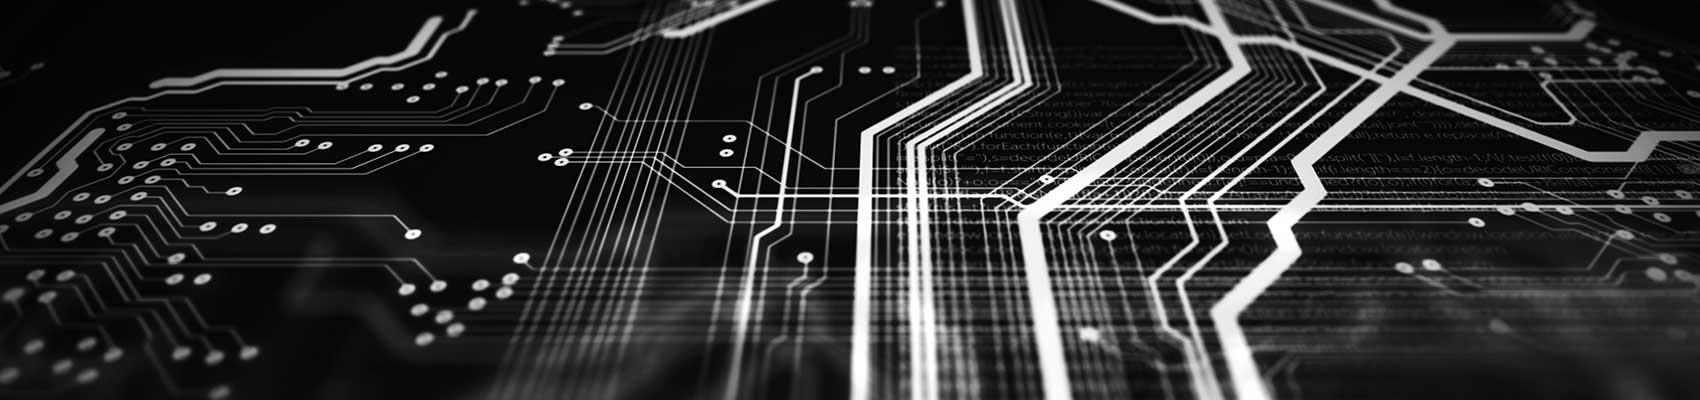 Technology, Media & Telecommunications